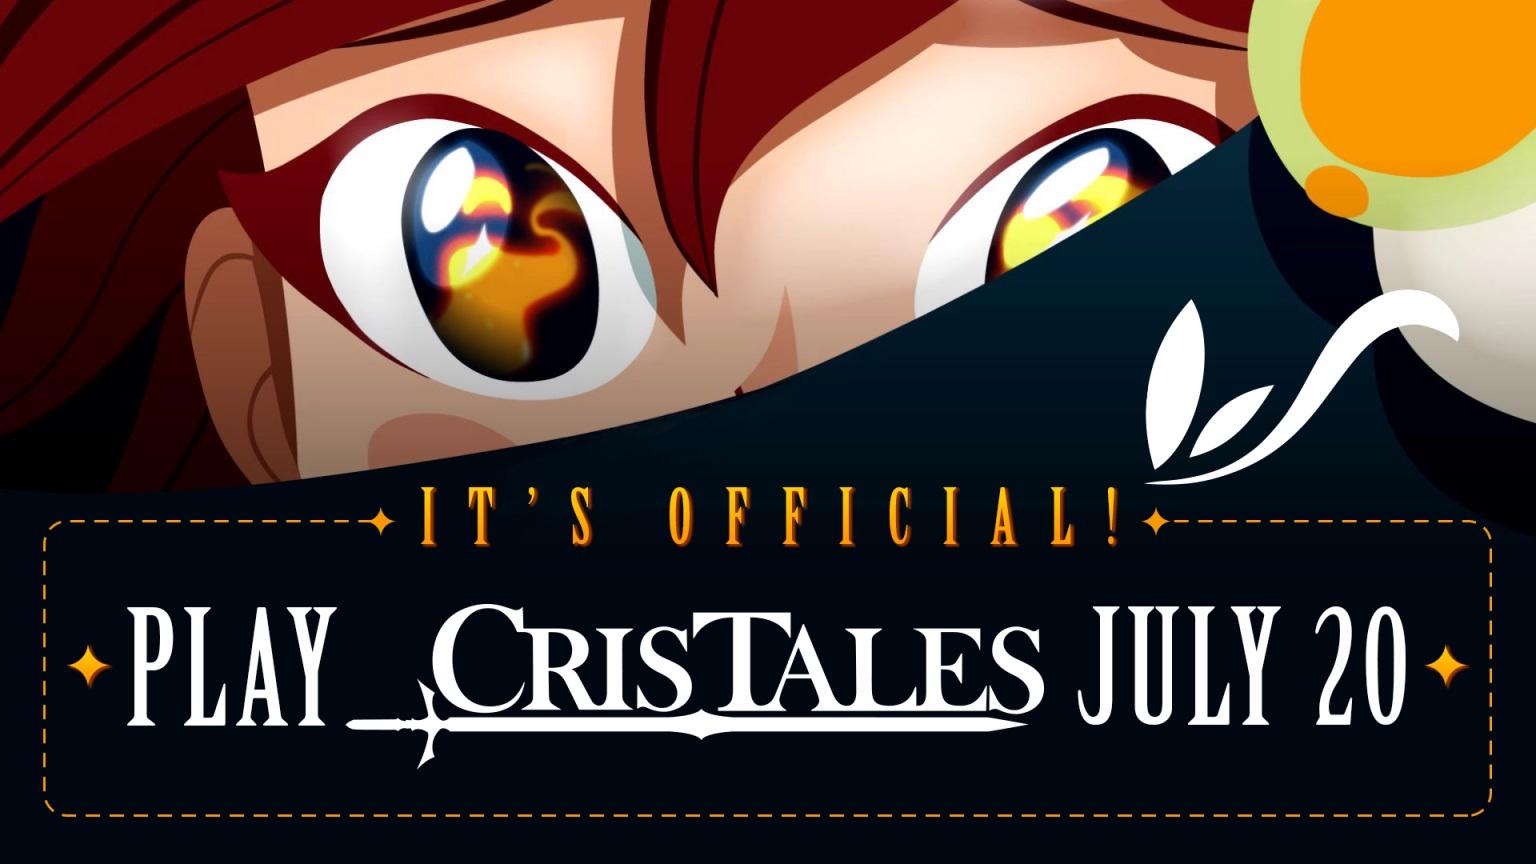 Олдскульная ролевая игра Cris Tales получила точную дату выхода  20 июля